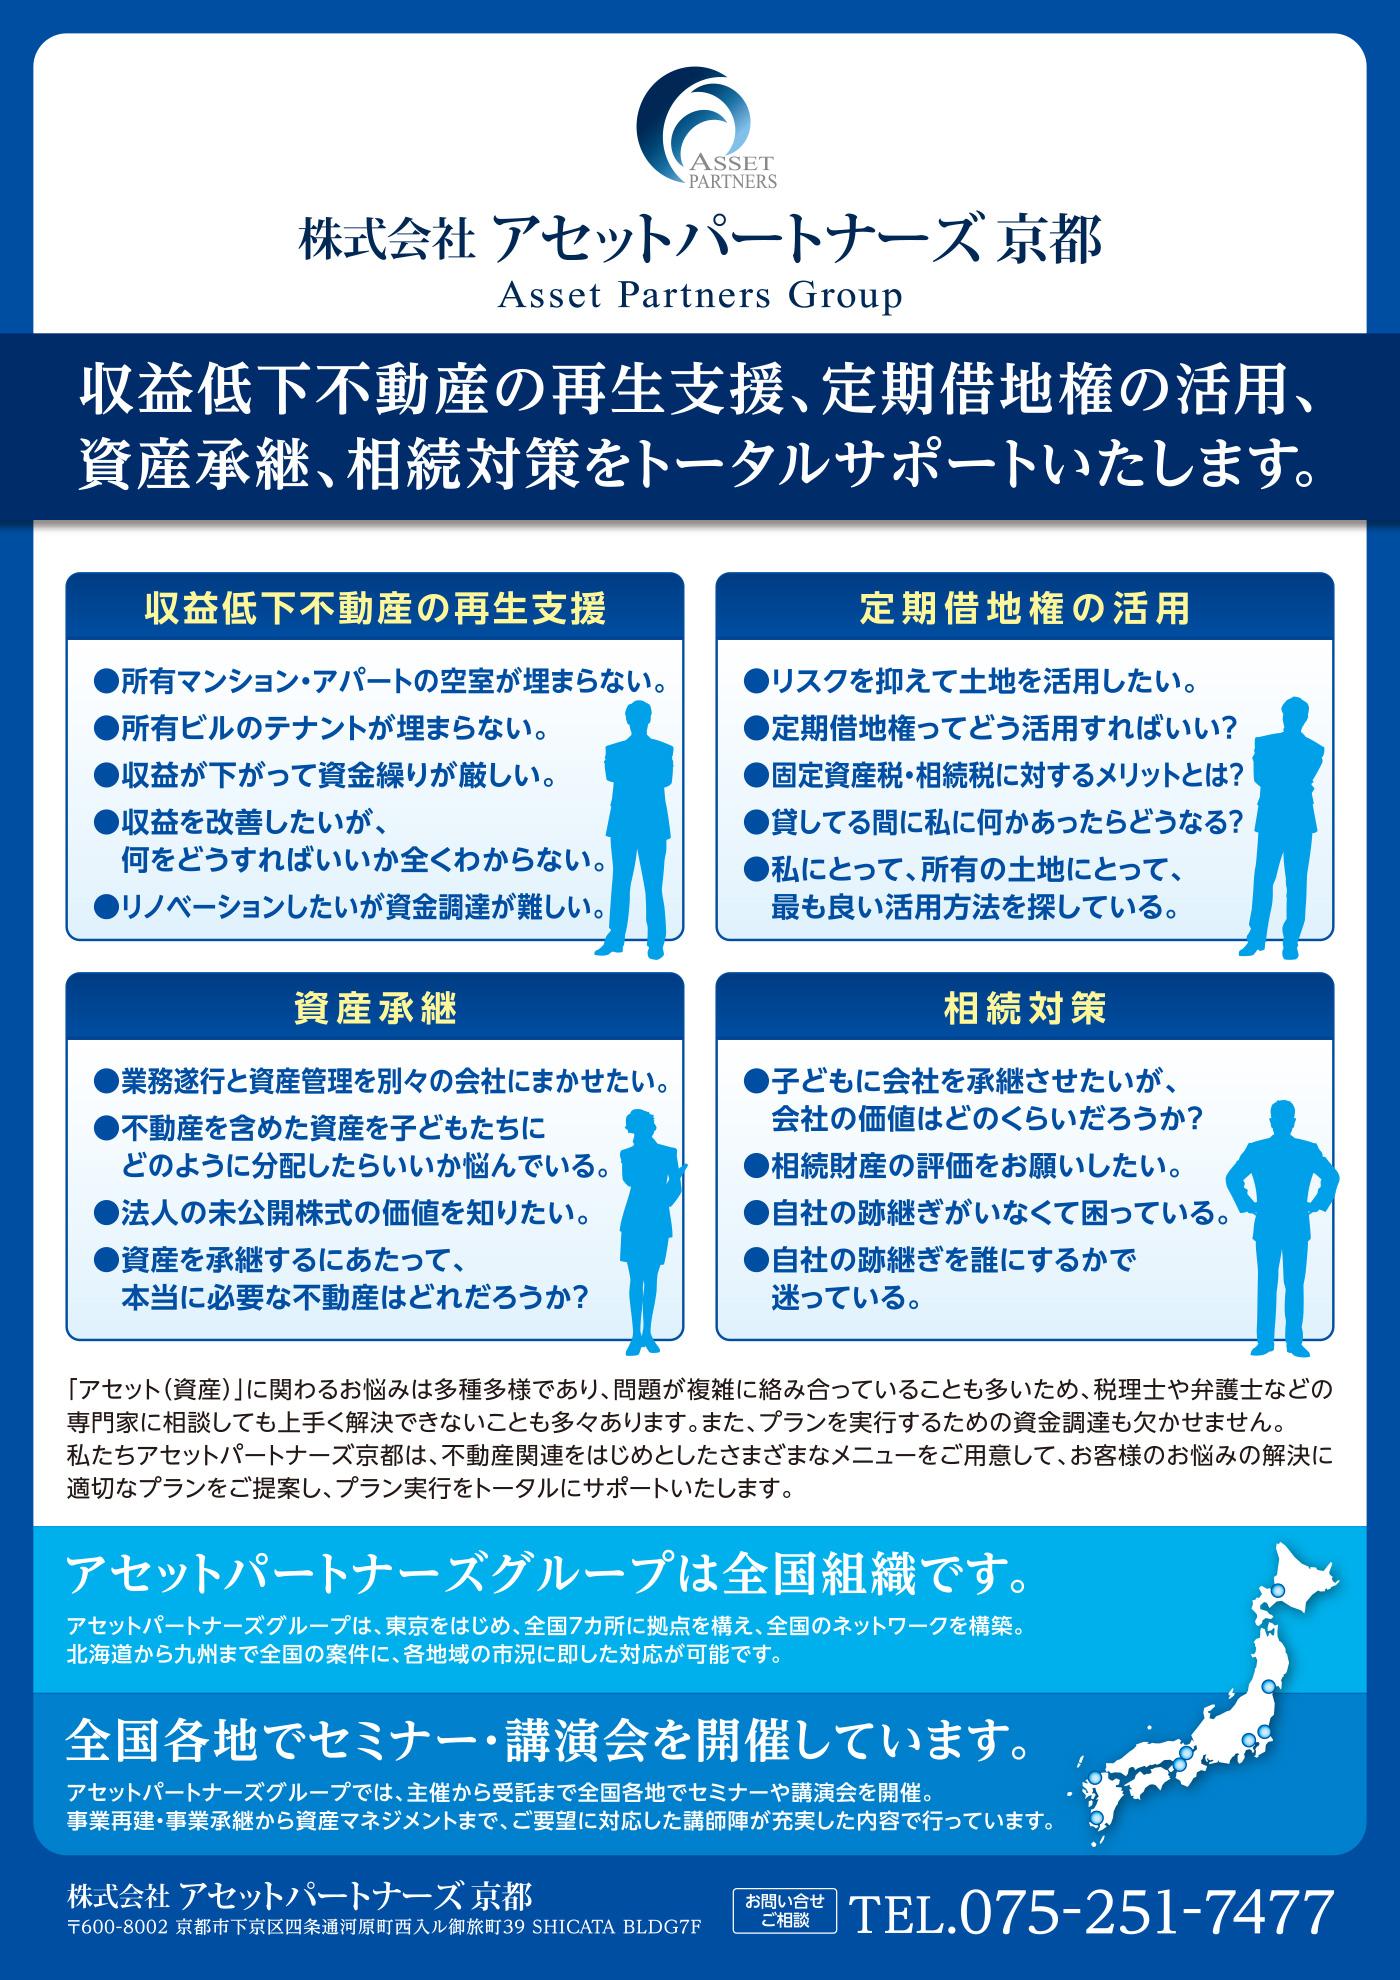 京都アセットパートナーズ-プロフィールチラシ表